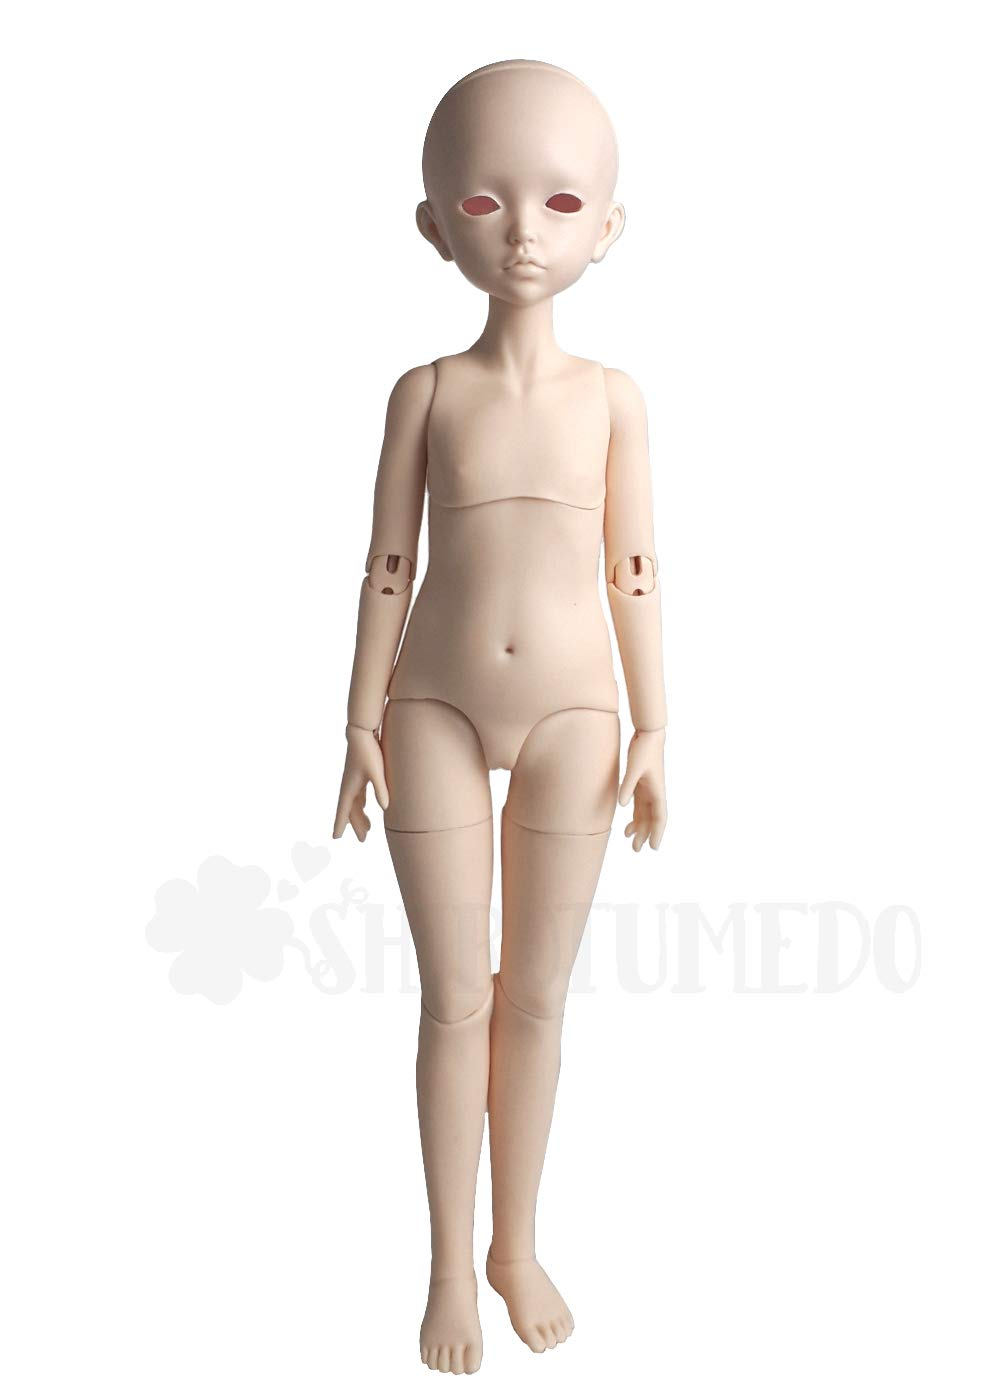 BJD ドール( 本体のみ )球体関節人形 BJDドール カスタムドール ヘッド + ボディ 女 人形本体 D-0003 B07MCXD5QC